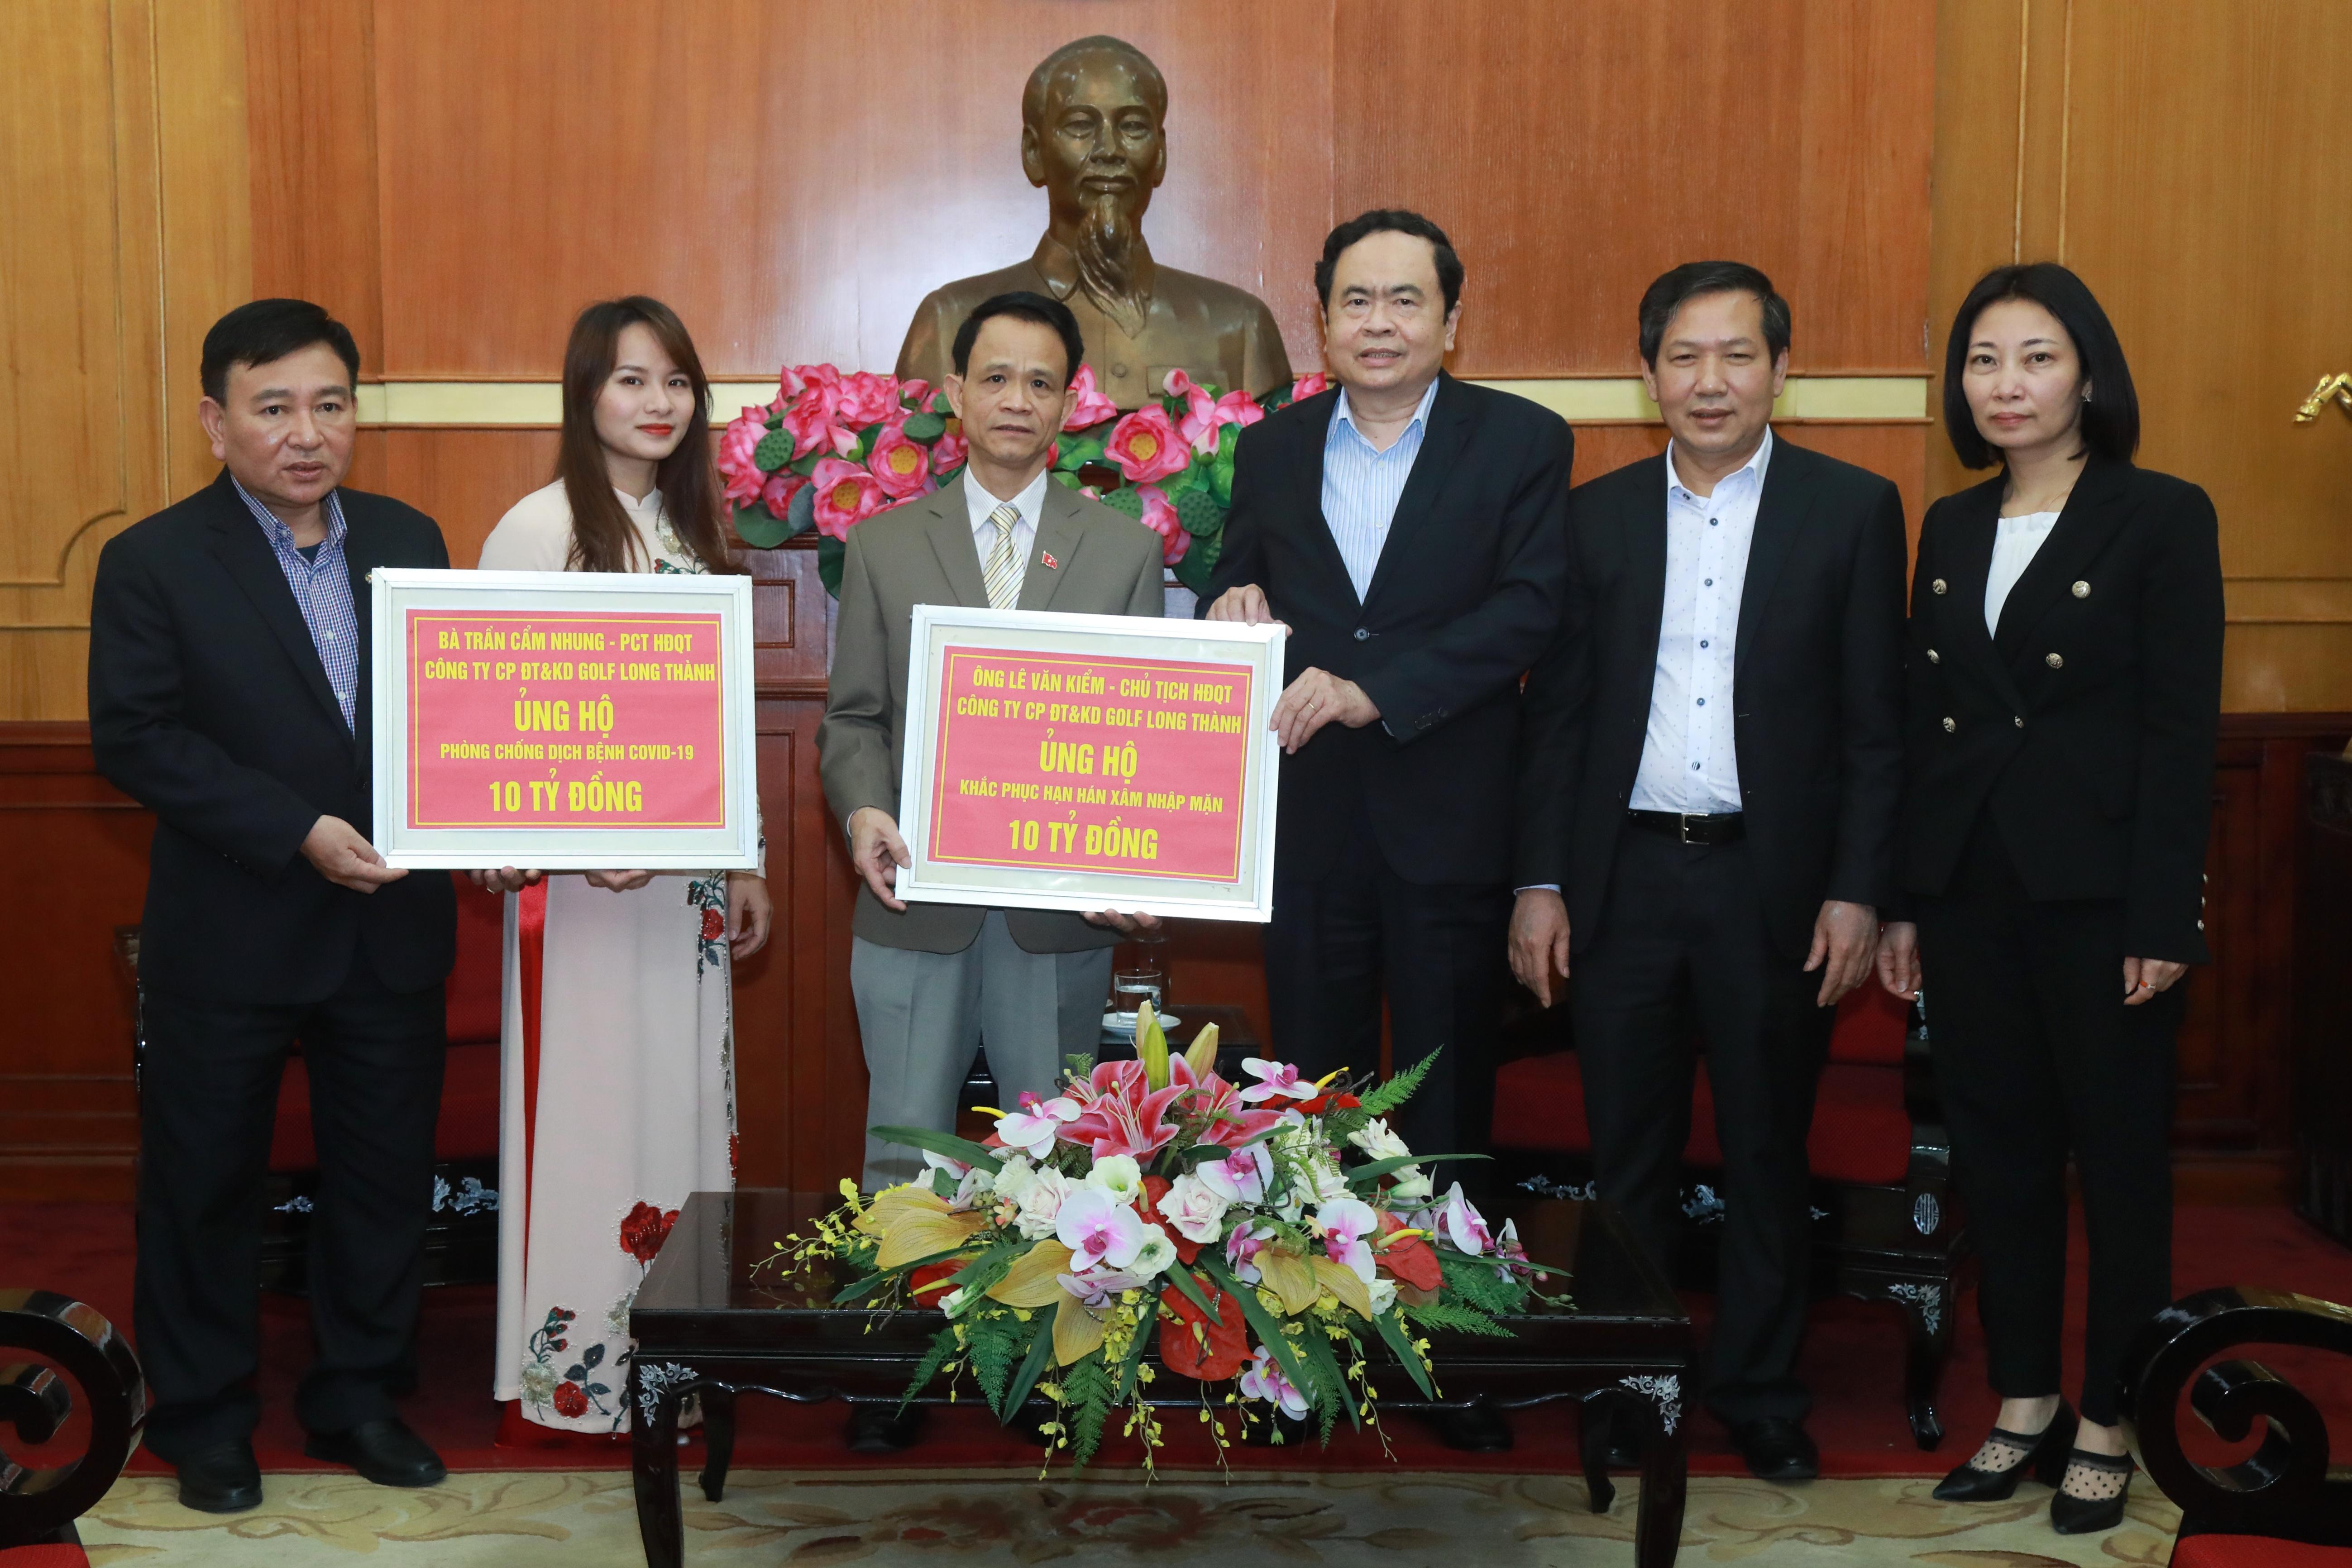 Vợ chồng Doanh nhân Lê Văn Kiểm ủng hộ 20 tỷ đồng phòng chống dịch Covid-19 và hạn mặn ở Đồng Bằng Sông Cửu Long  - Ảnh 1